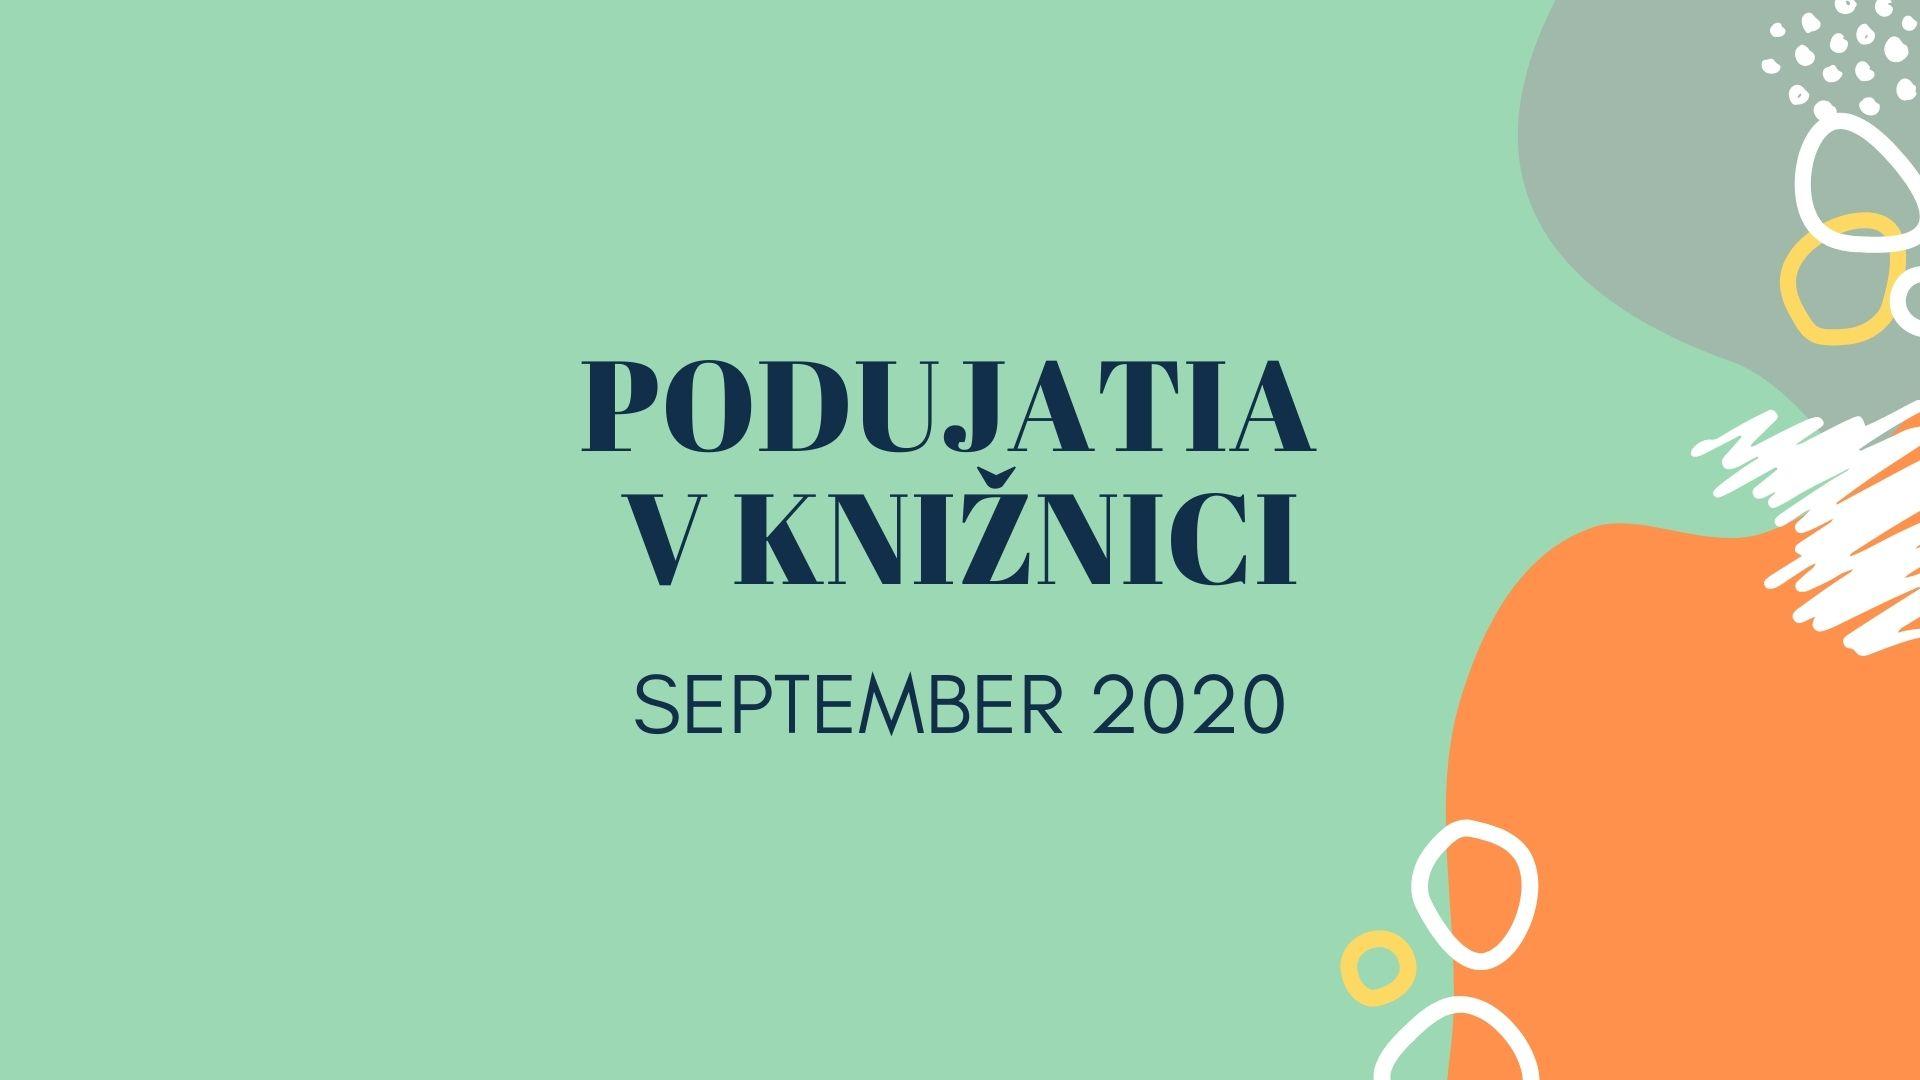 PODUJATIA V KNIŽNICI - september 2020